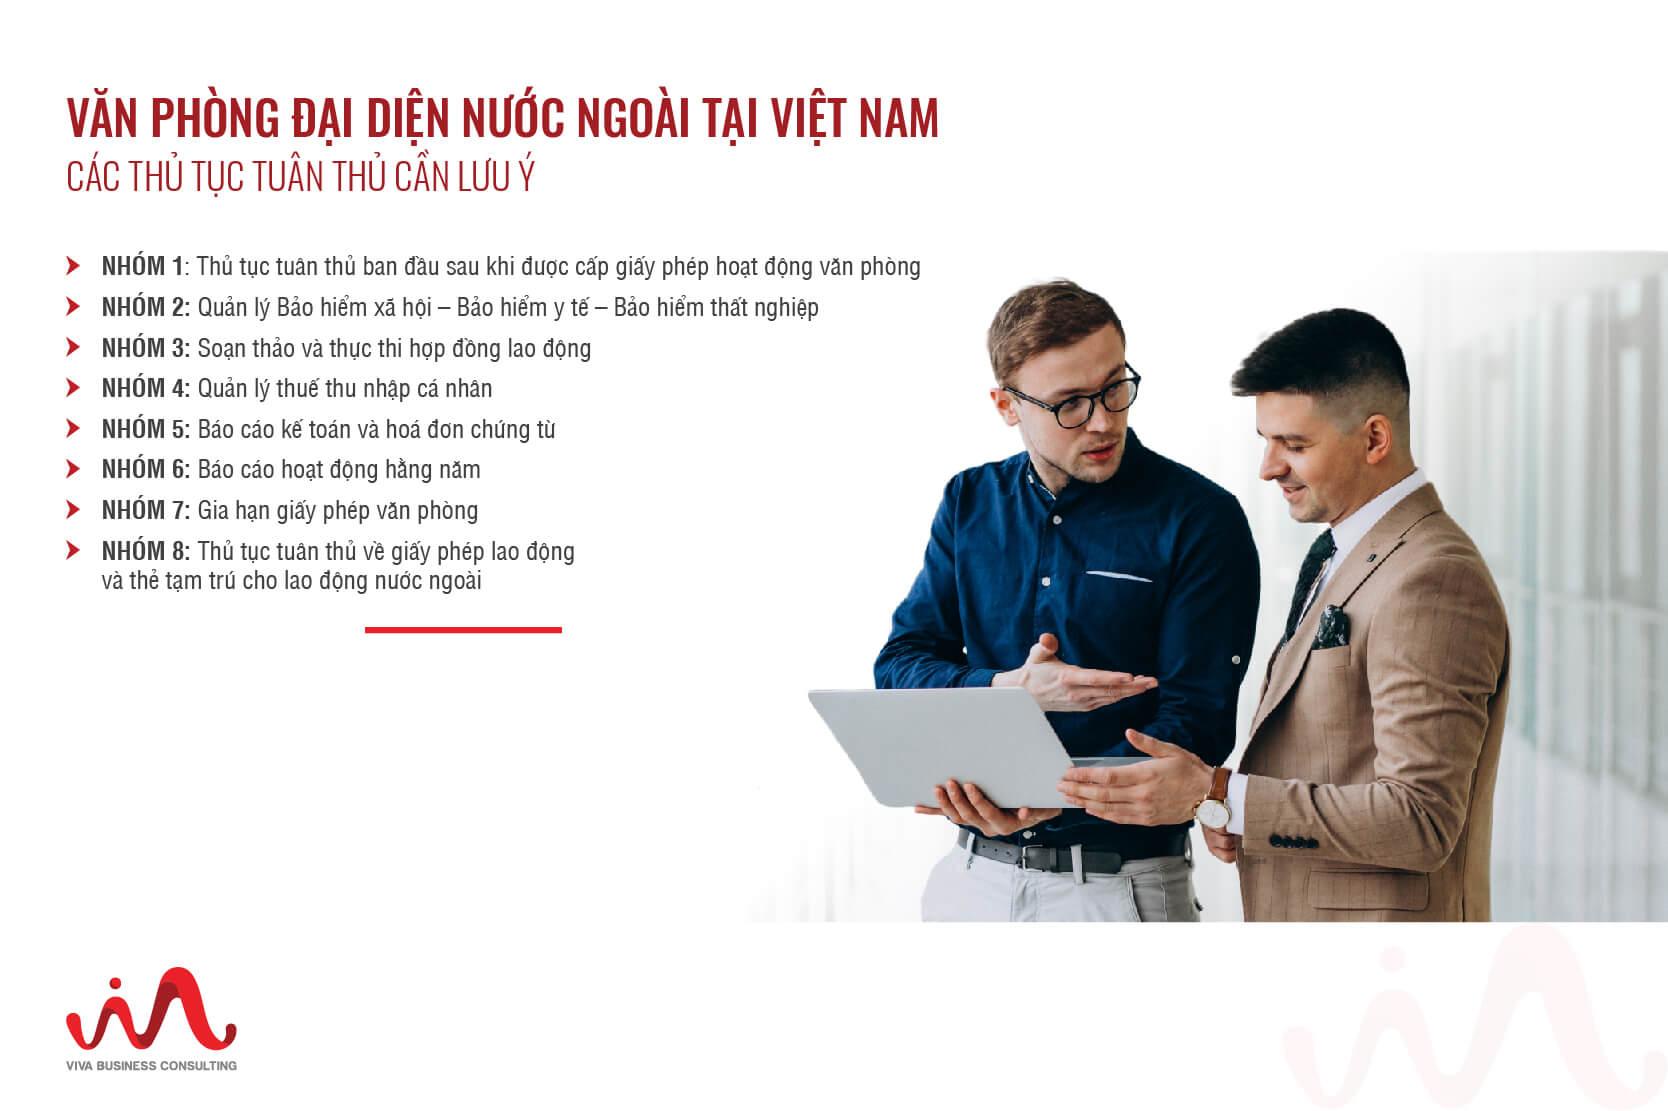 Thủ tục tuân thủ dành cho văn phòng đại diện nước ngoài tại Việt Nam